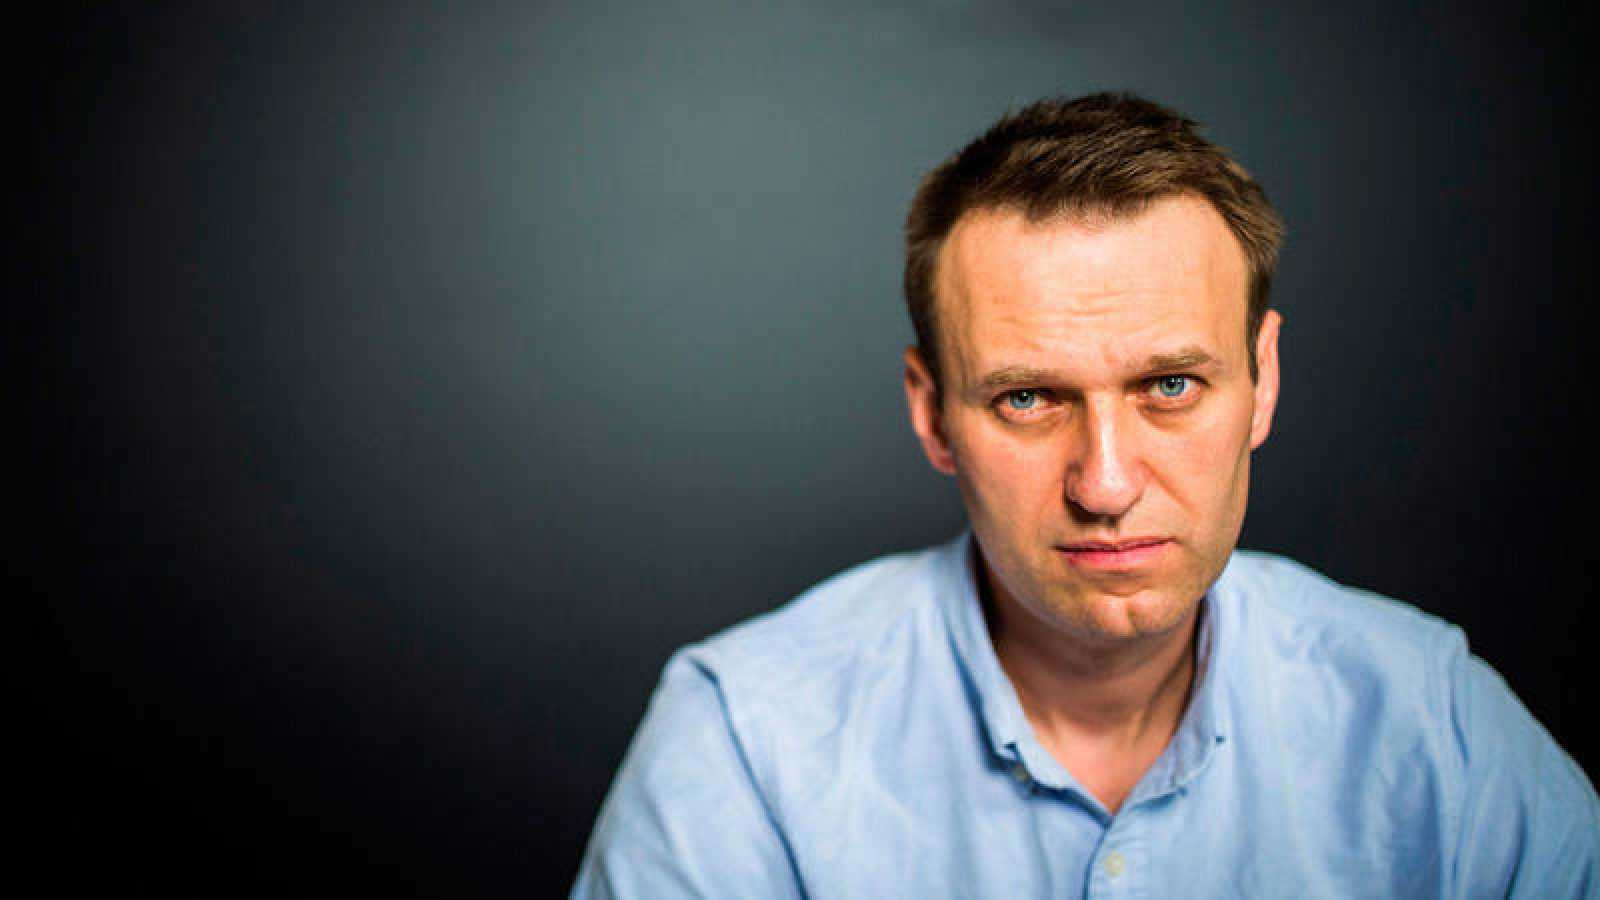 El líder de la oposición rusa Alexéi Navalny, en su oficina en Moscú